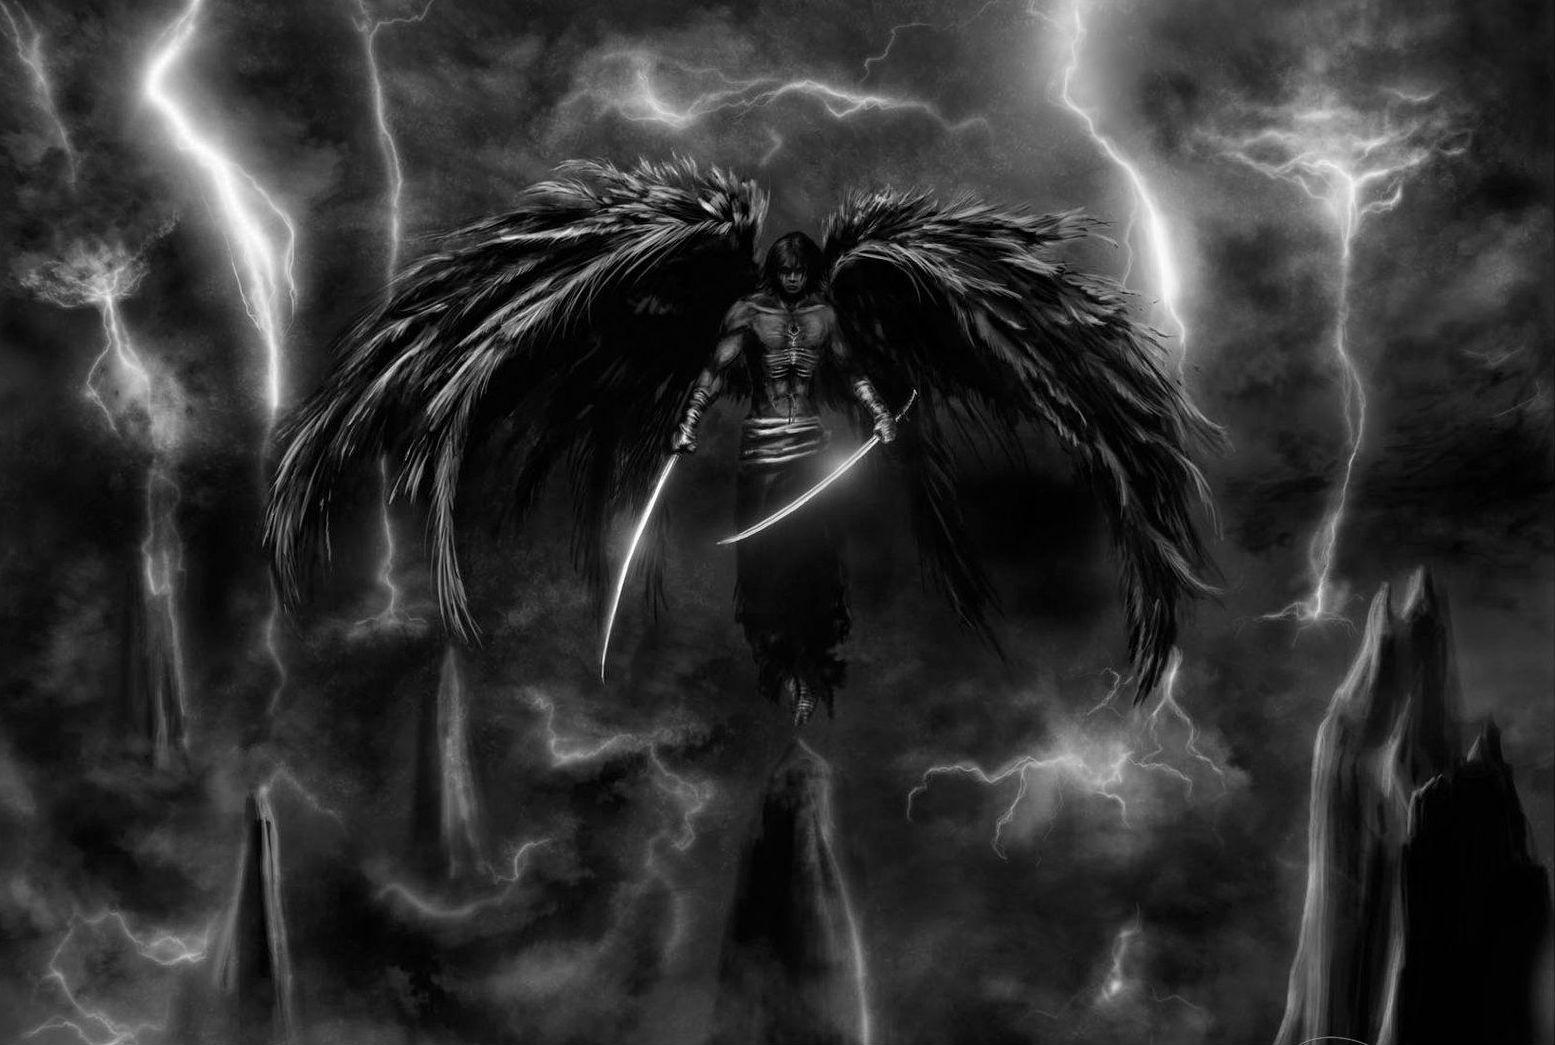 мальчика падший ангел обои на рабочий стол гром над головой